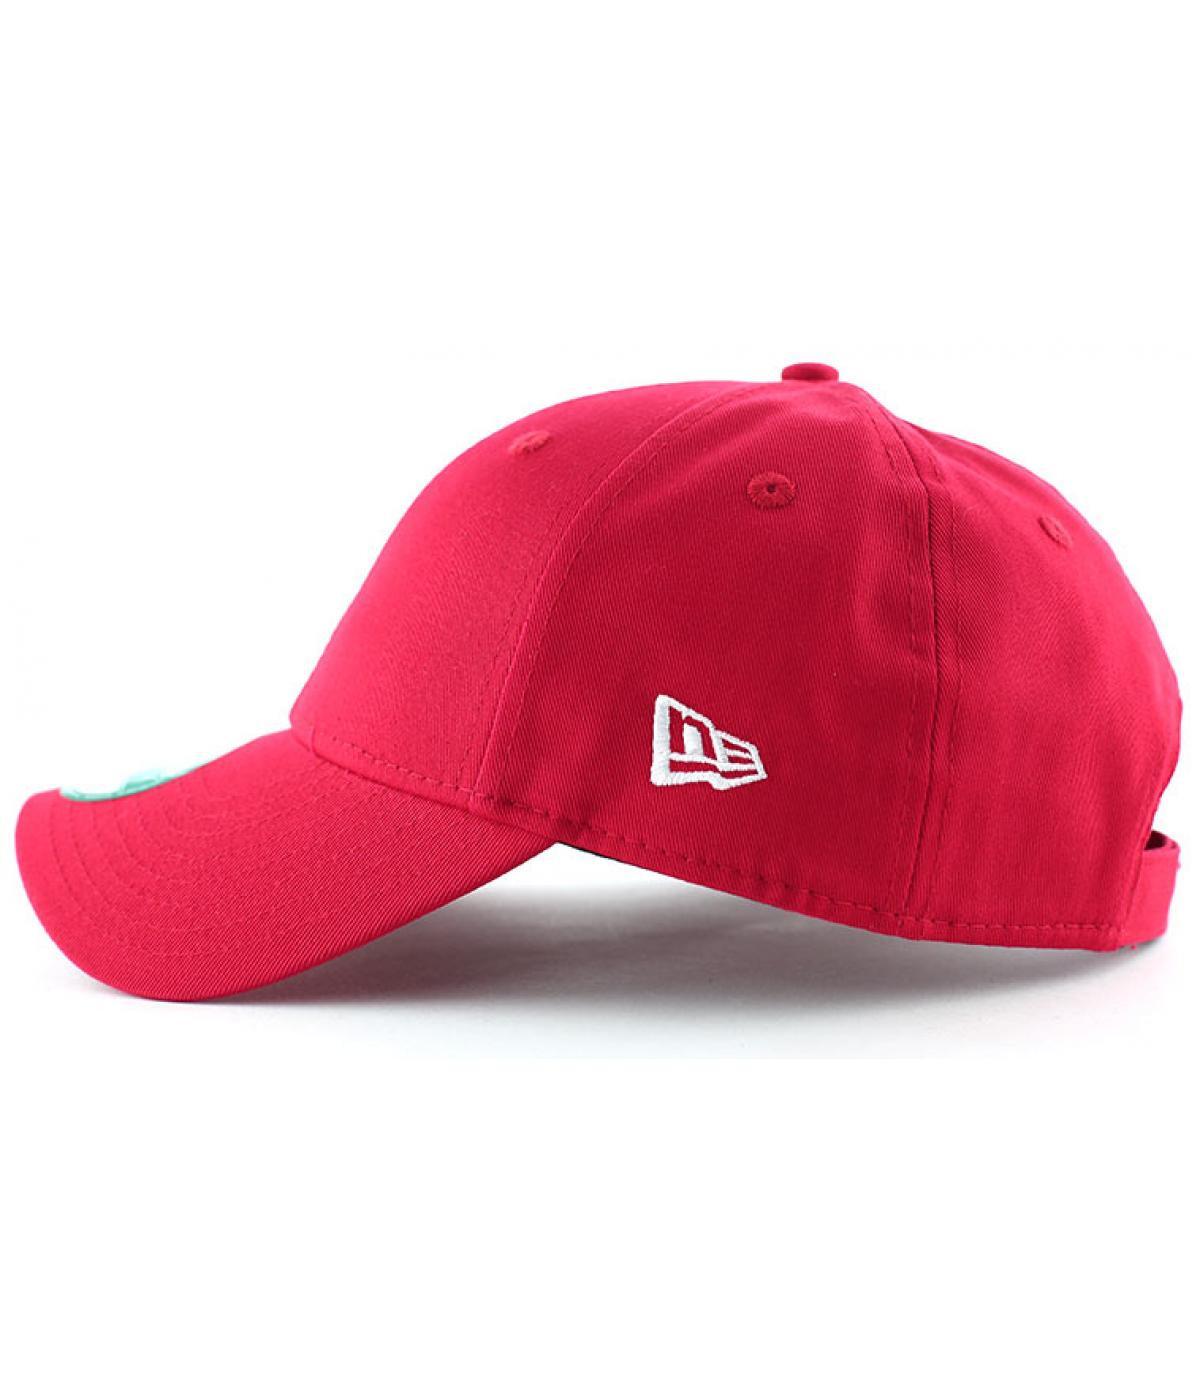 Details NE cap  basic red - afbeeling 3